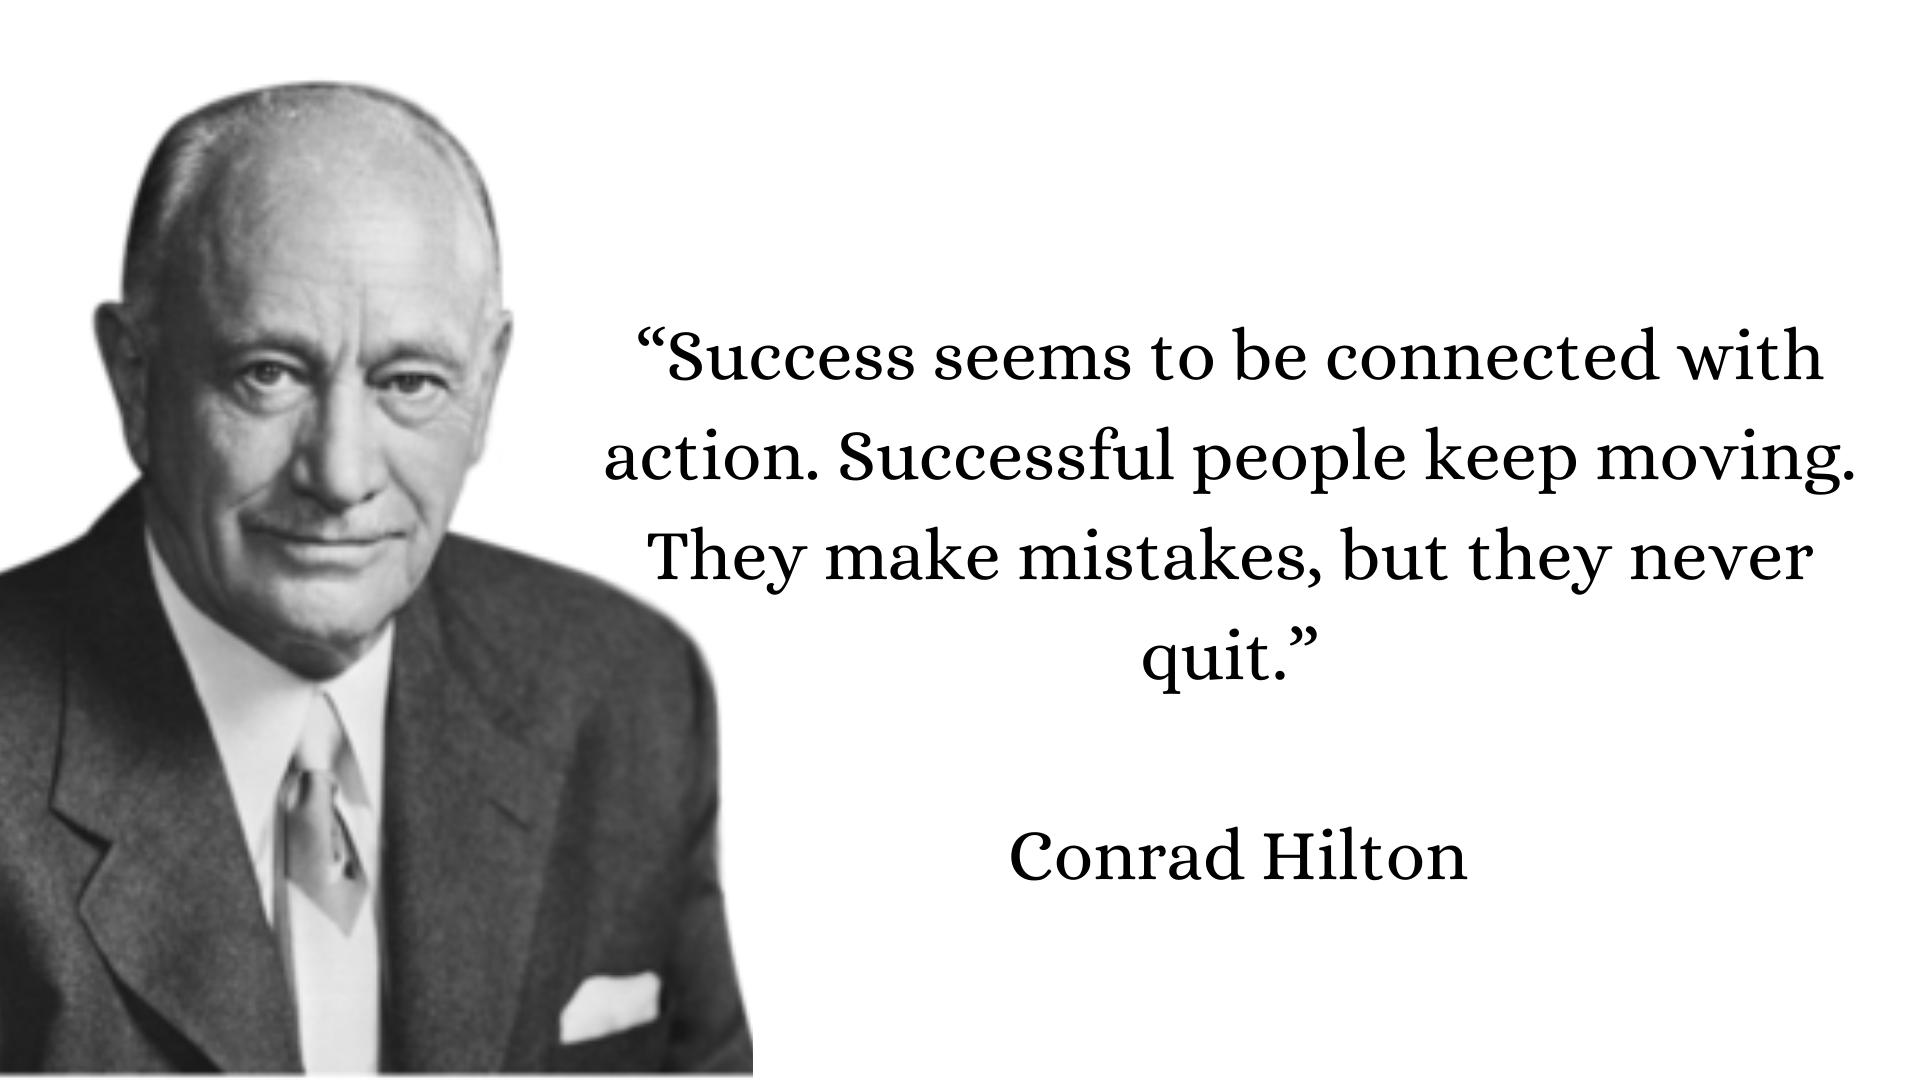 Quote by Conrad Hilton